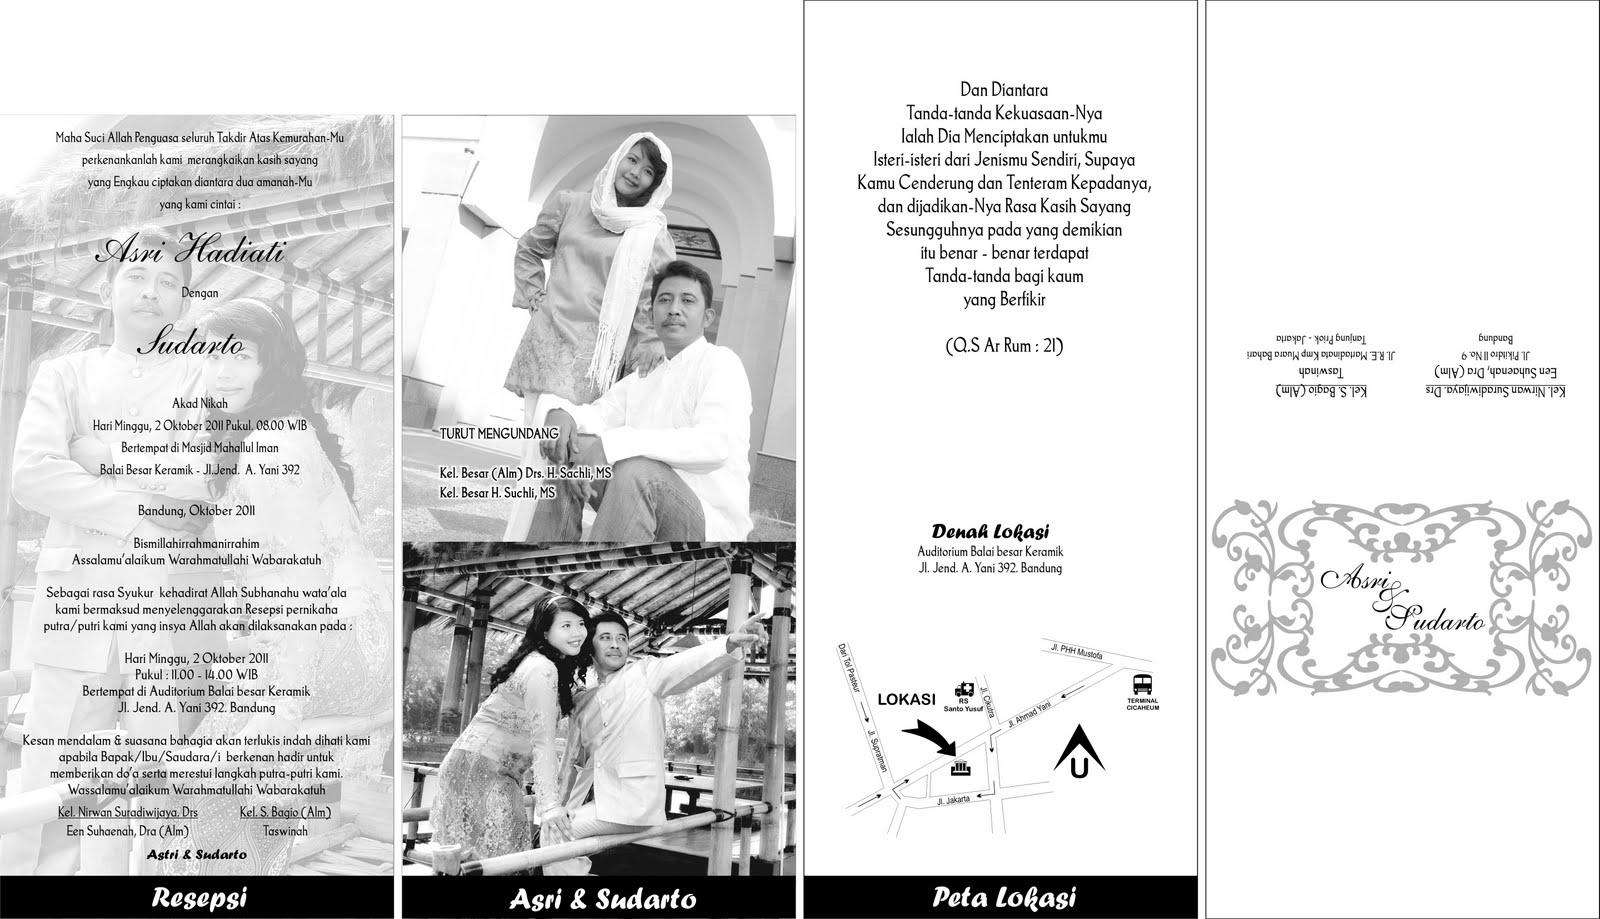 Bandung Paris Van Java Love Cetak Kartu Undangan Desain Foto